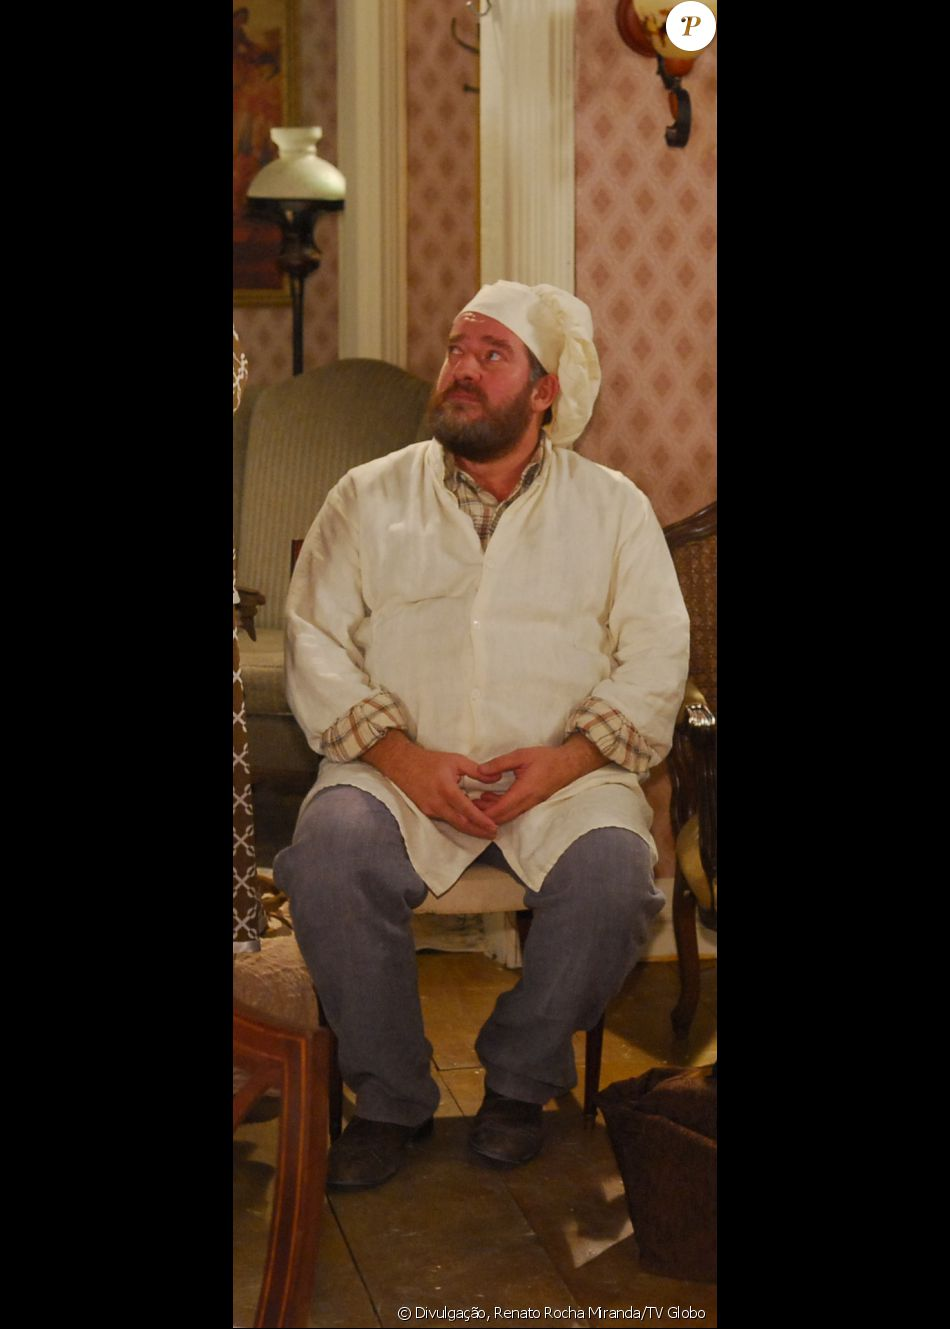 Carl Schumacher morreu enquanto dormia, aos 53 anos, em Contagem (Belo Horizonte), em 23 de outubro. O ator participou de novelas como 'Eterna Magia' (2007, na foto) e 'A Favorita' (2008)